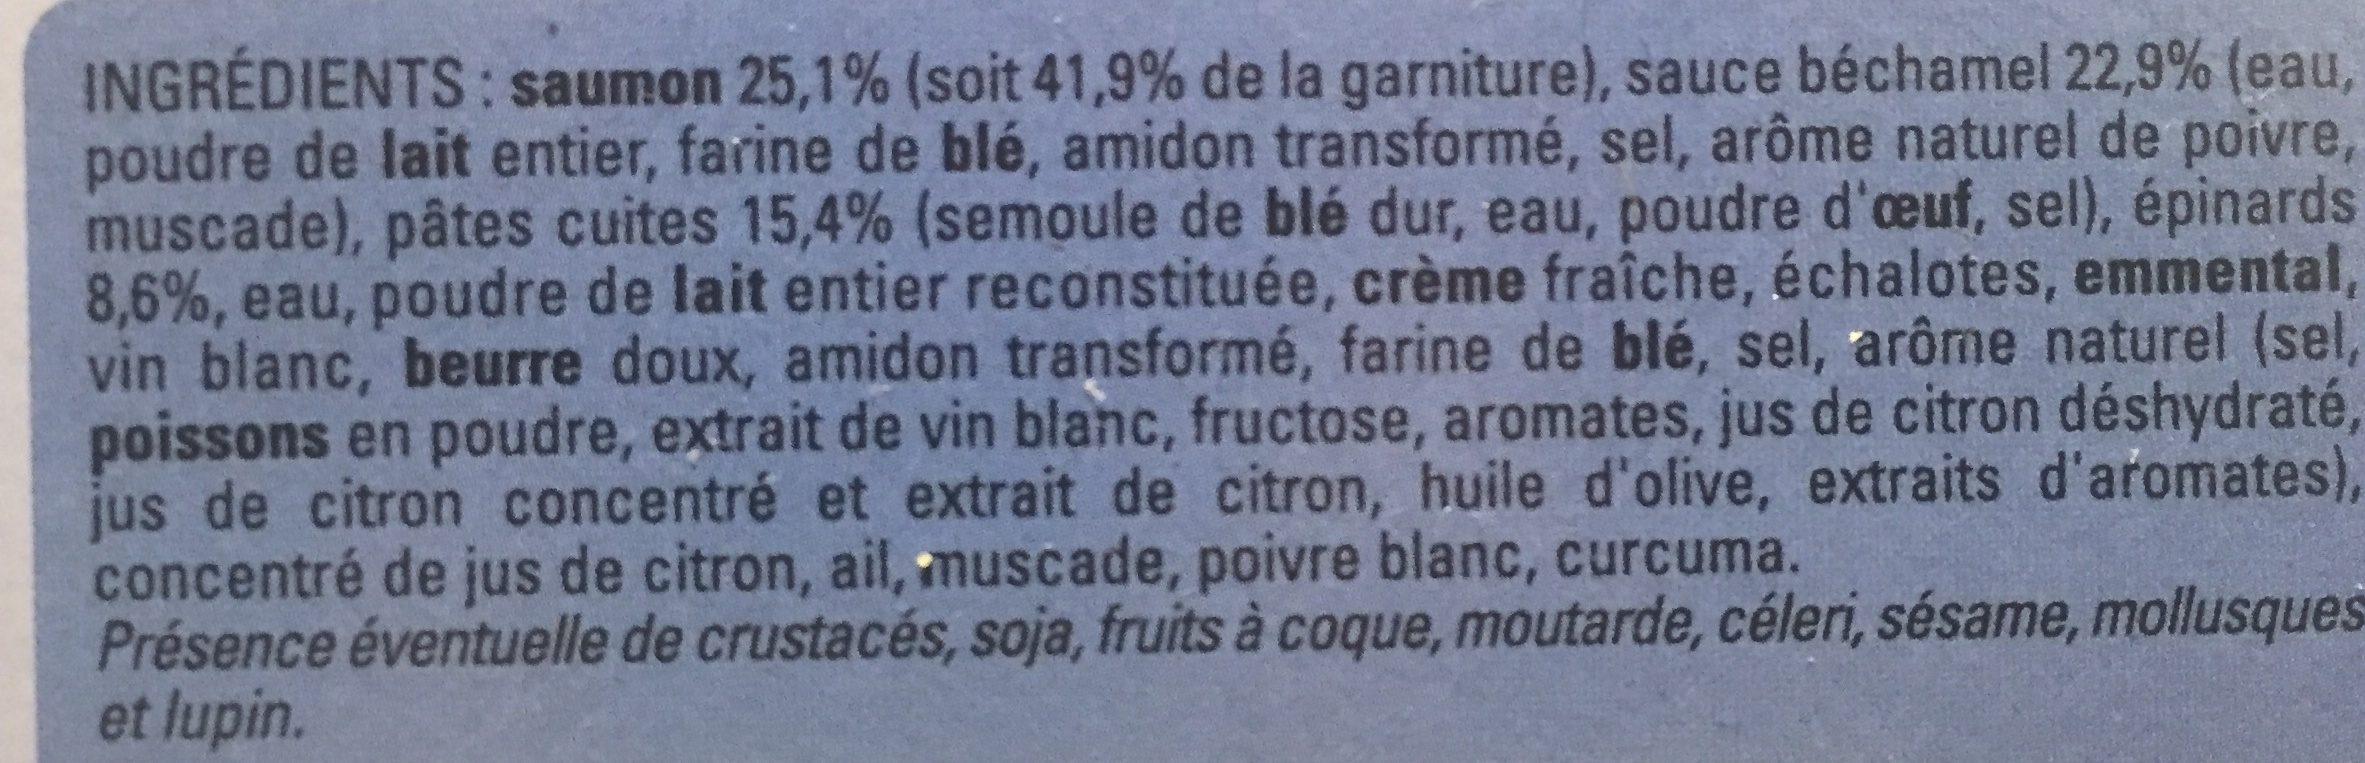 Lasagnes saumon epinards - Ingrediënten - fr